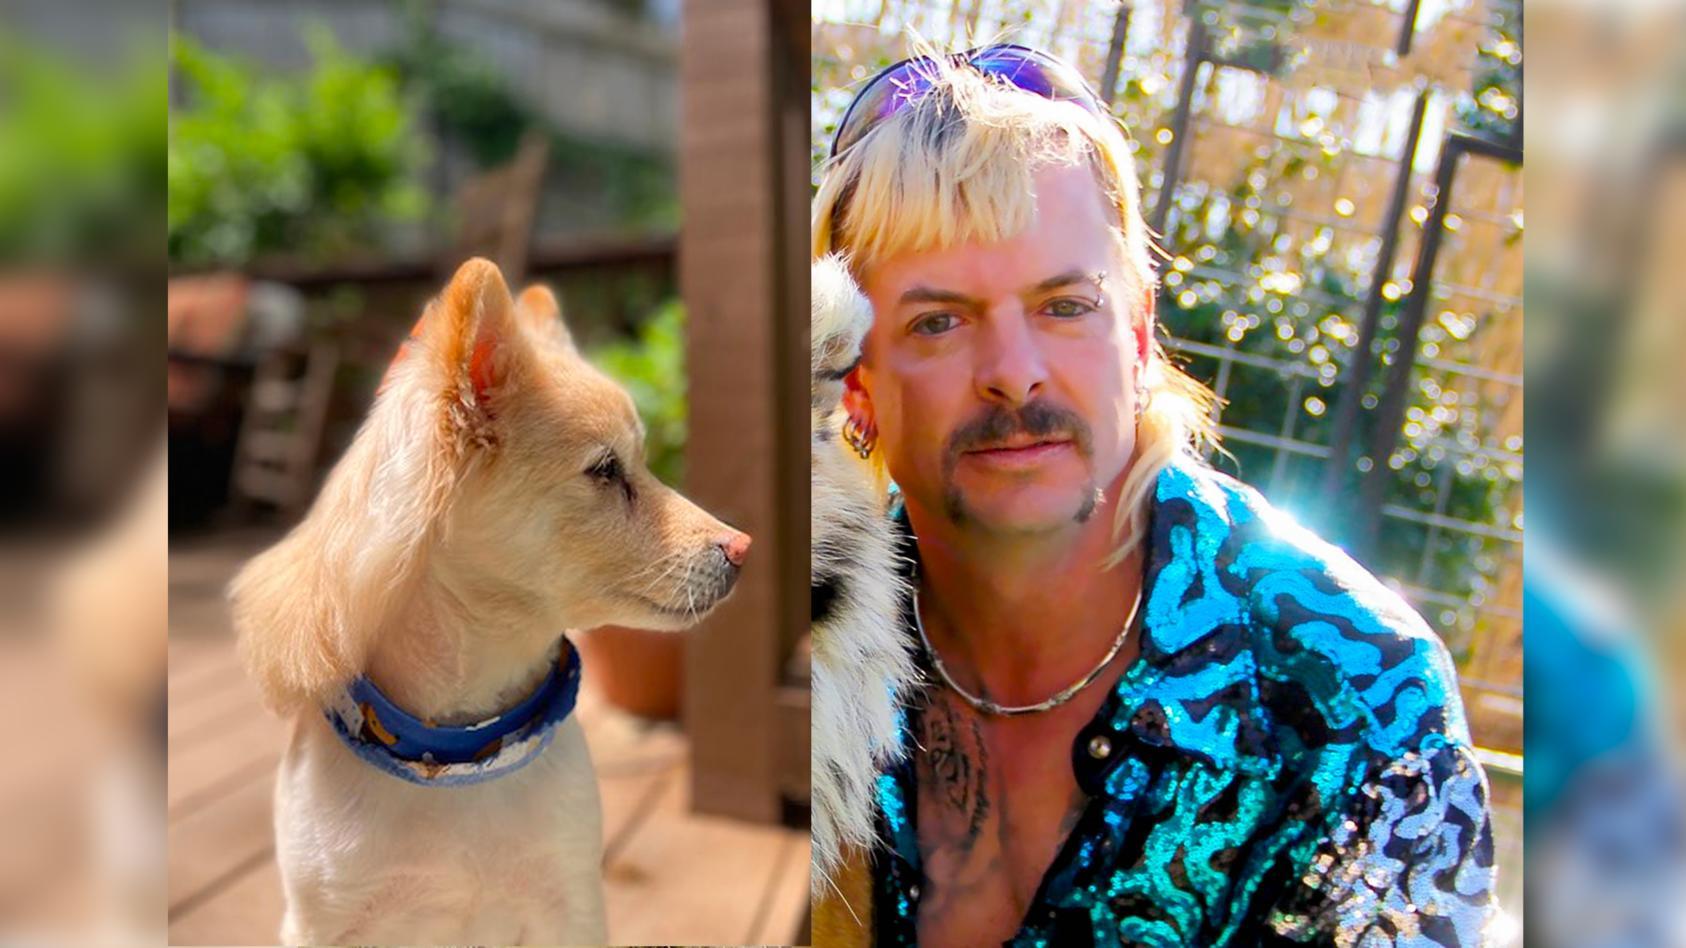 Das Haarstyling-Vorbild des Hundes scheint wohl Joe Exotic gewesen zu sein!